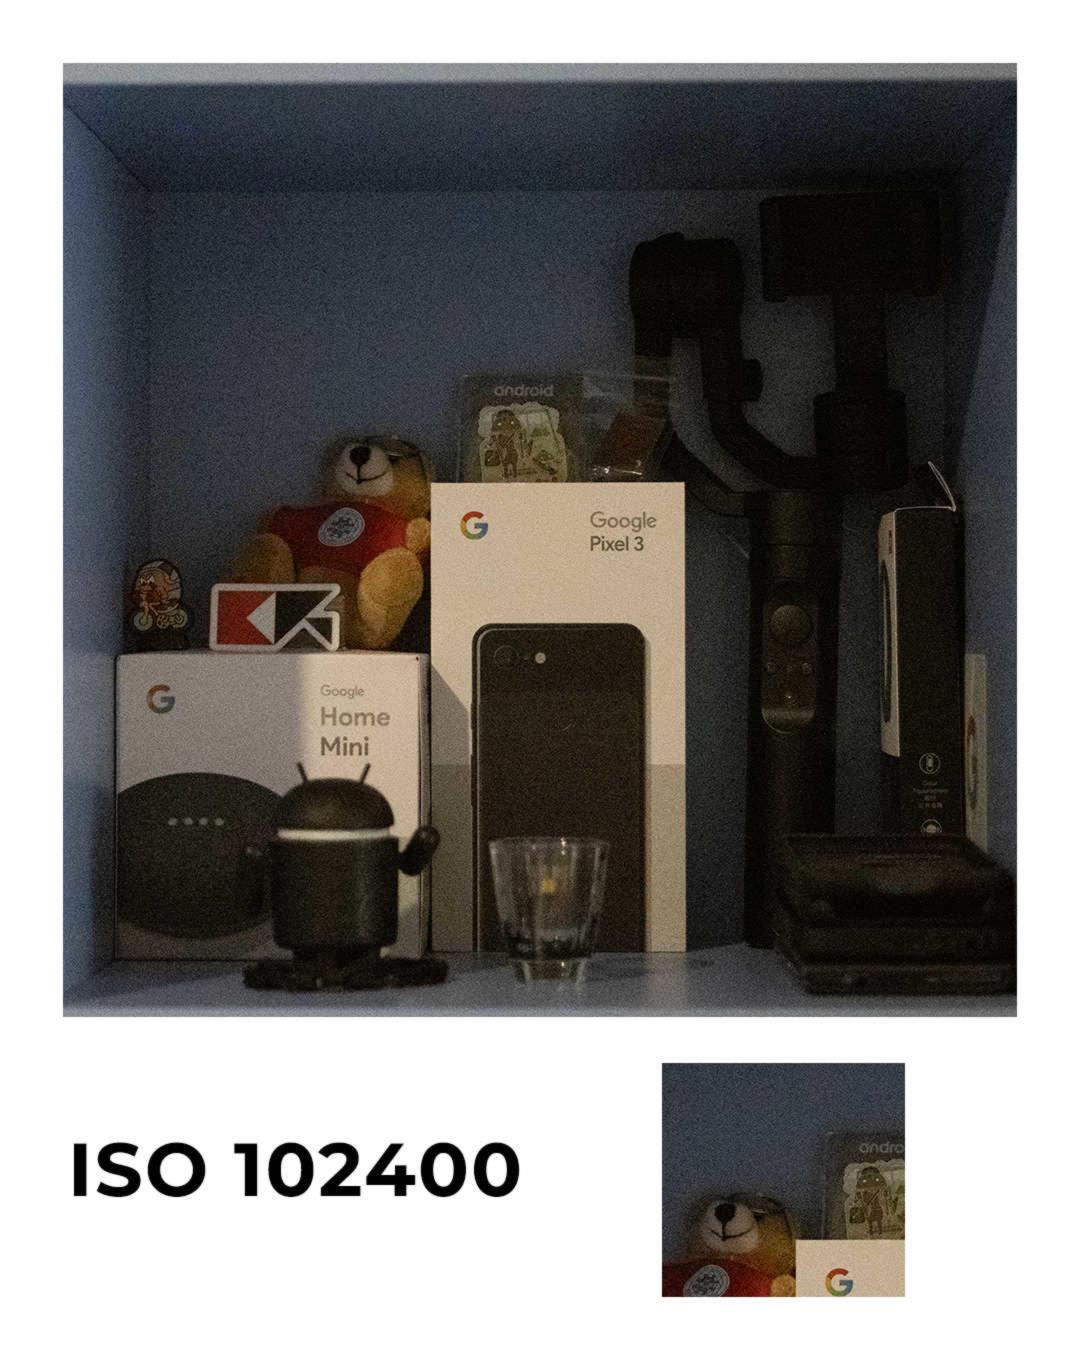 Panasonic Lumix S1 ISO102400